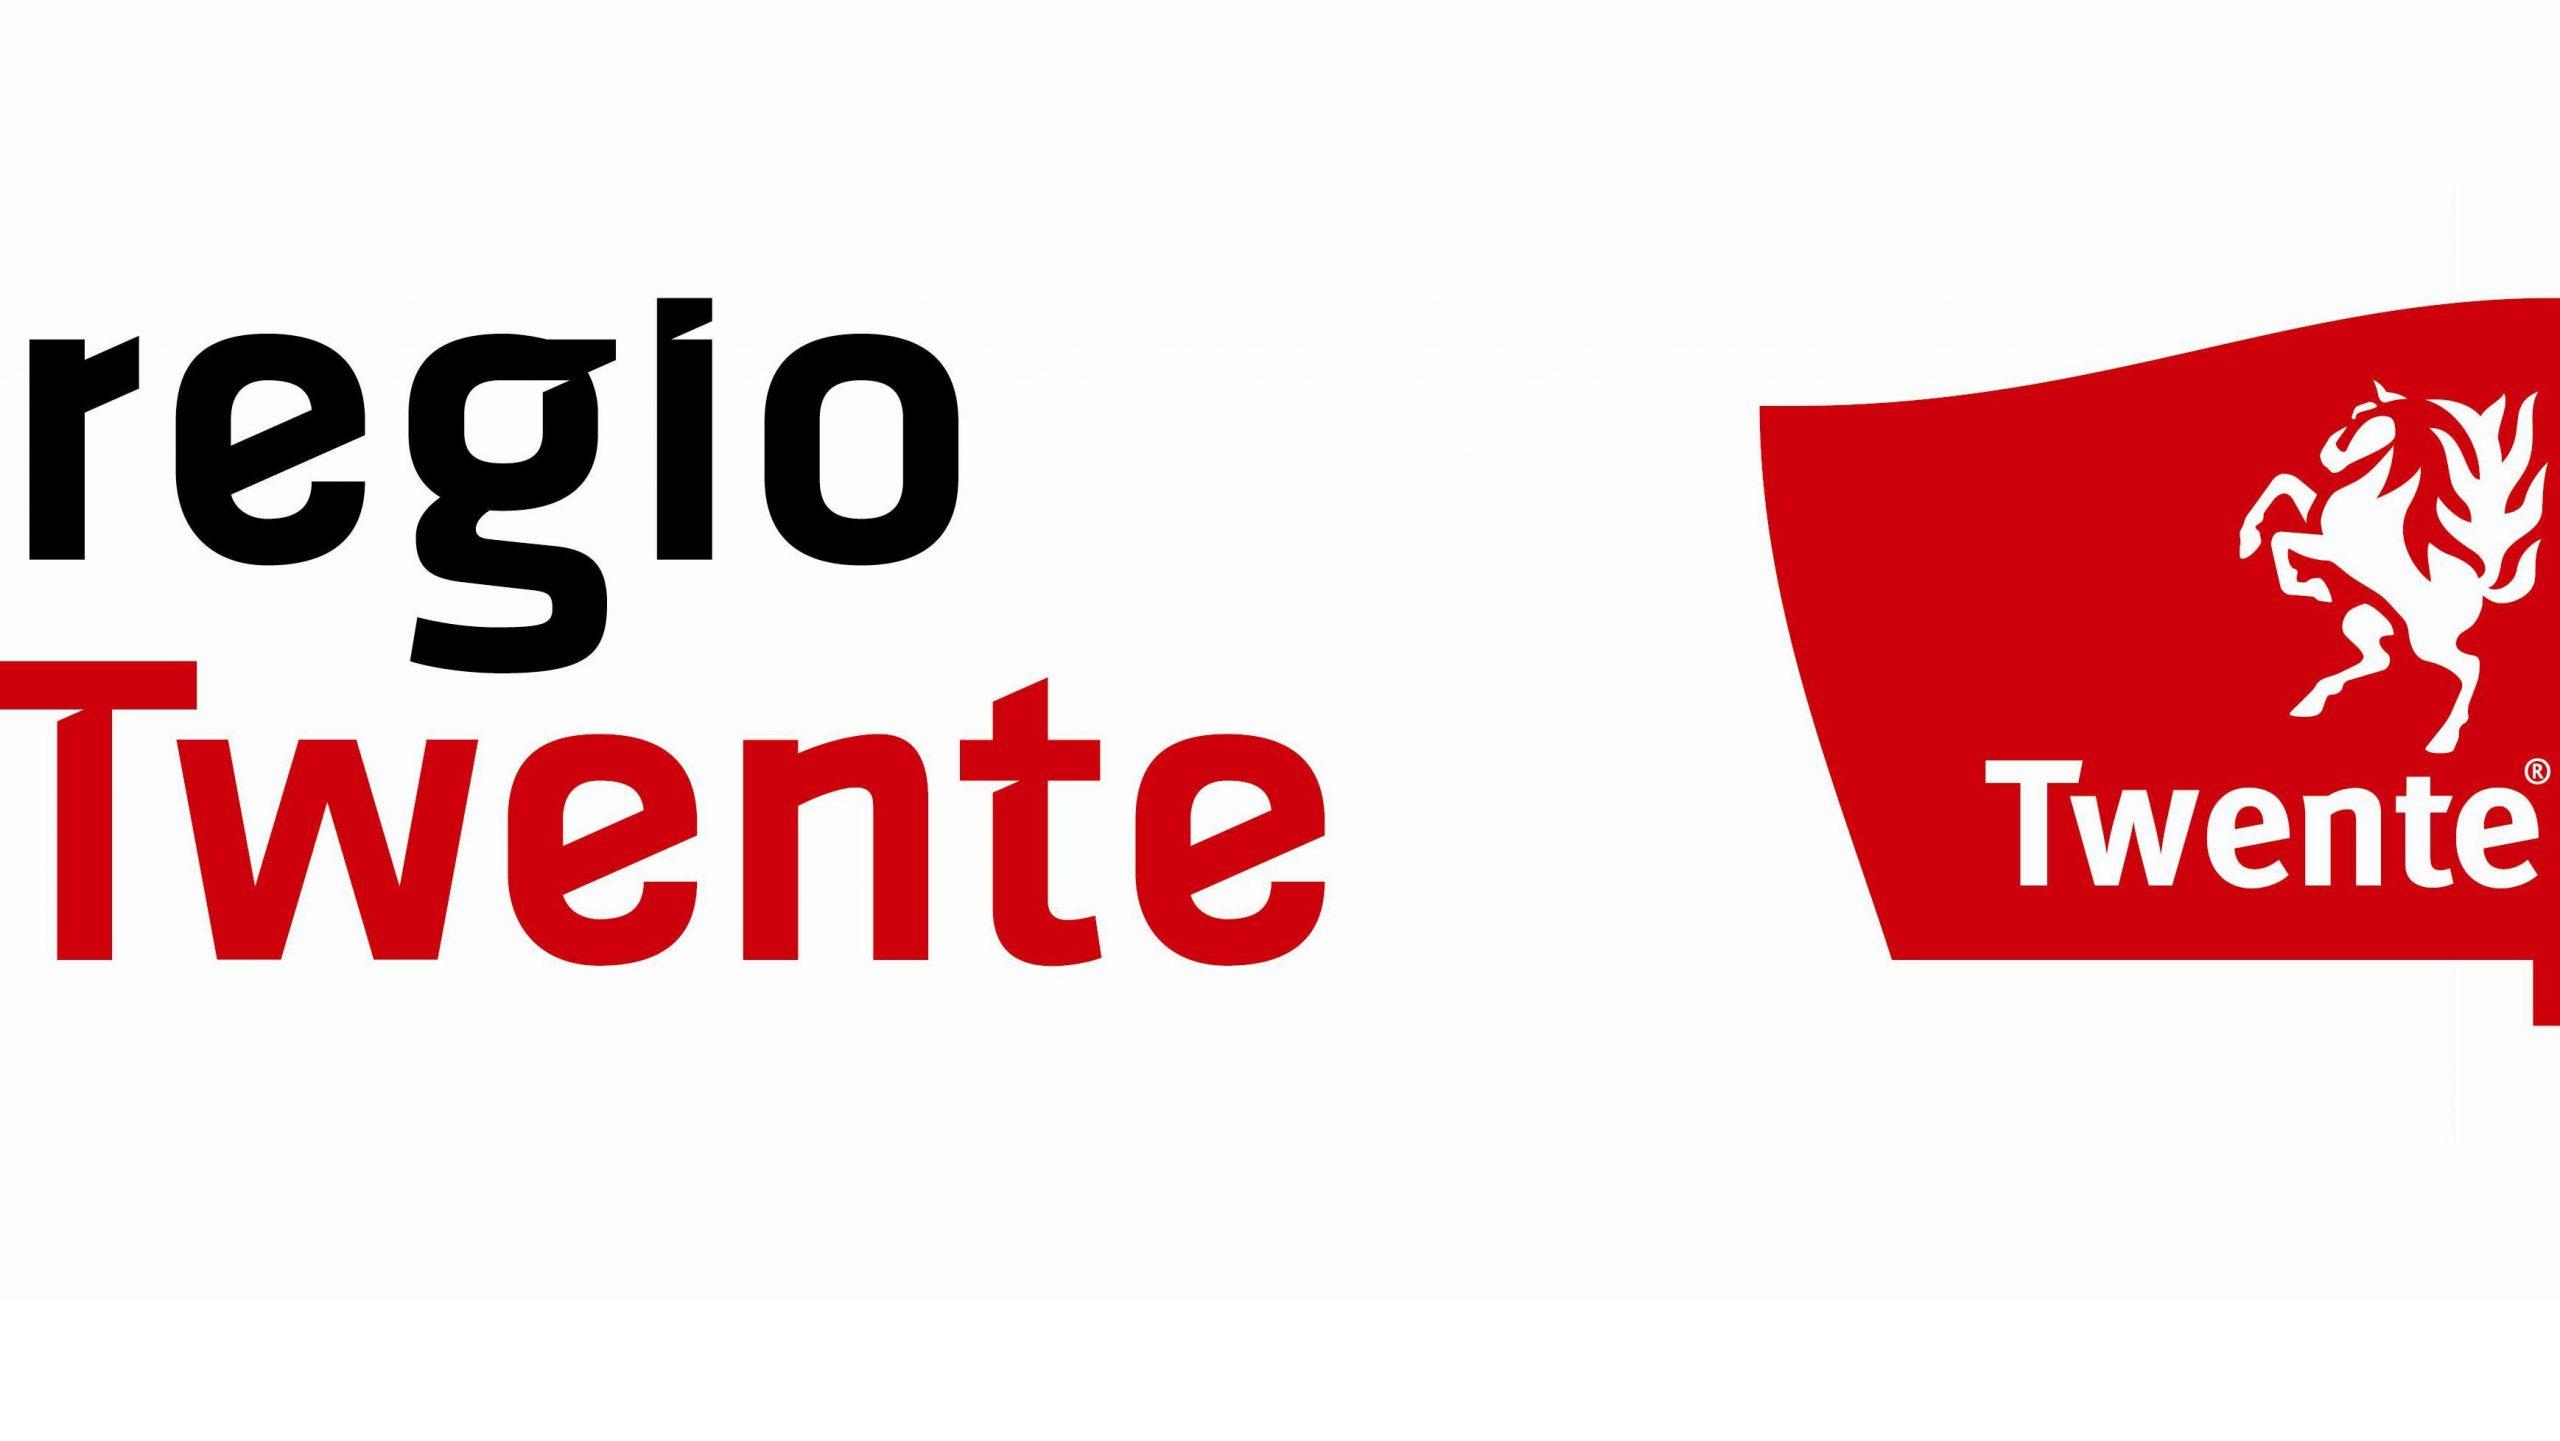 centraal-logo-regio-twente